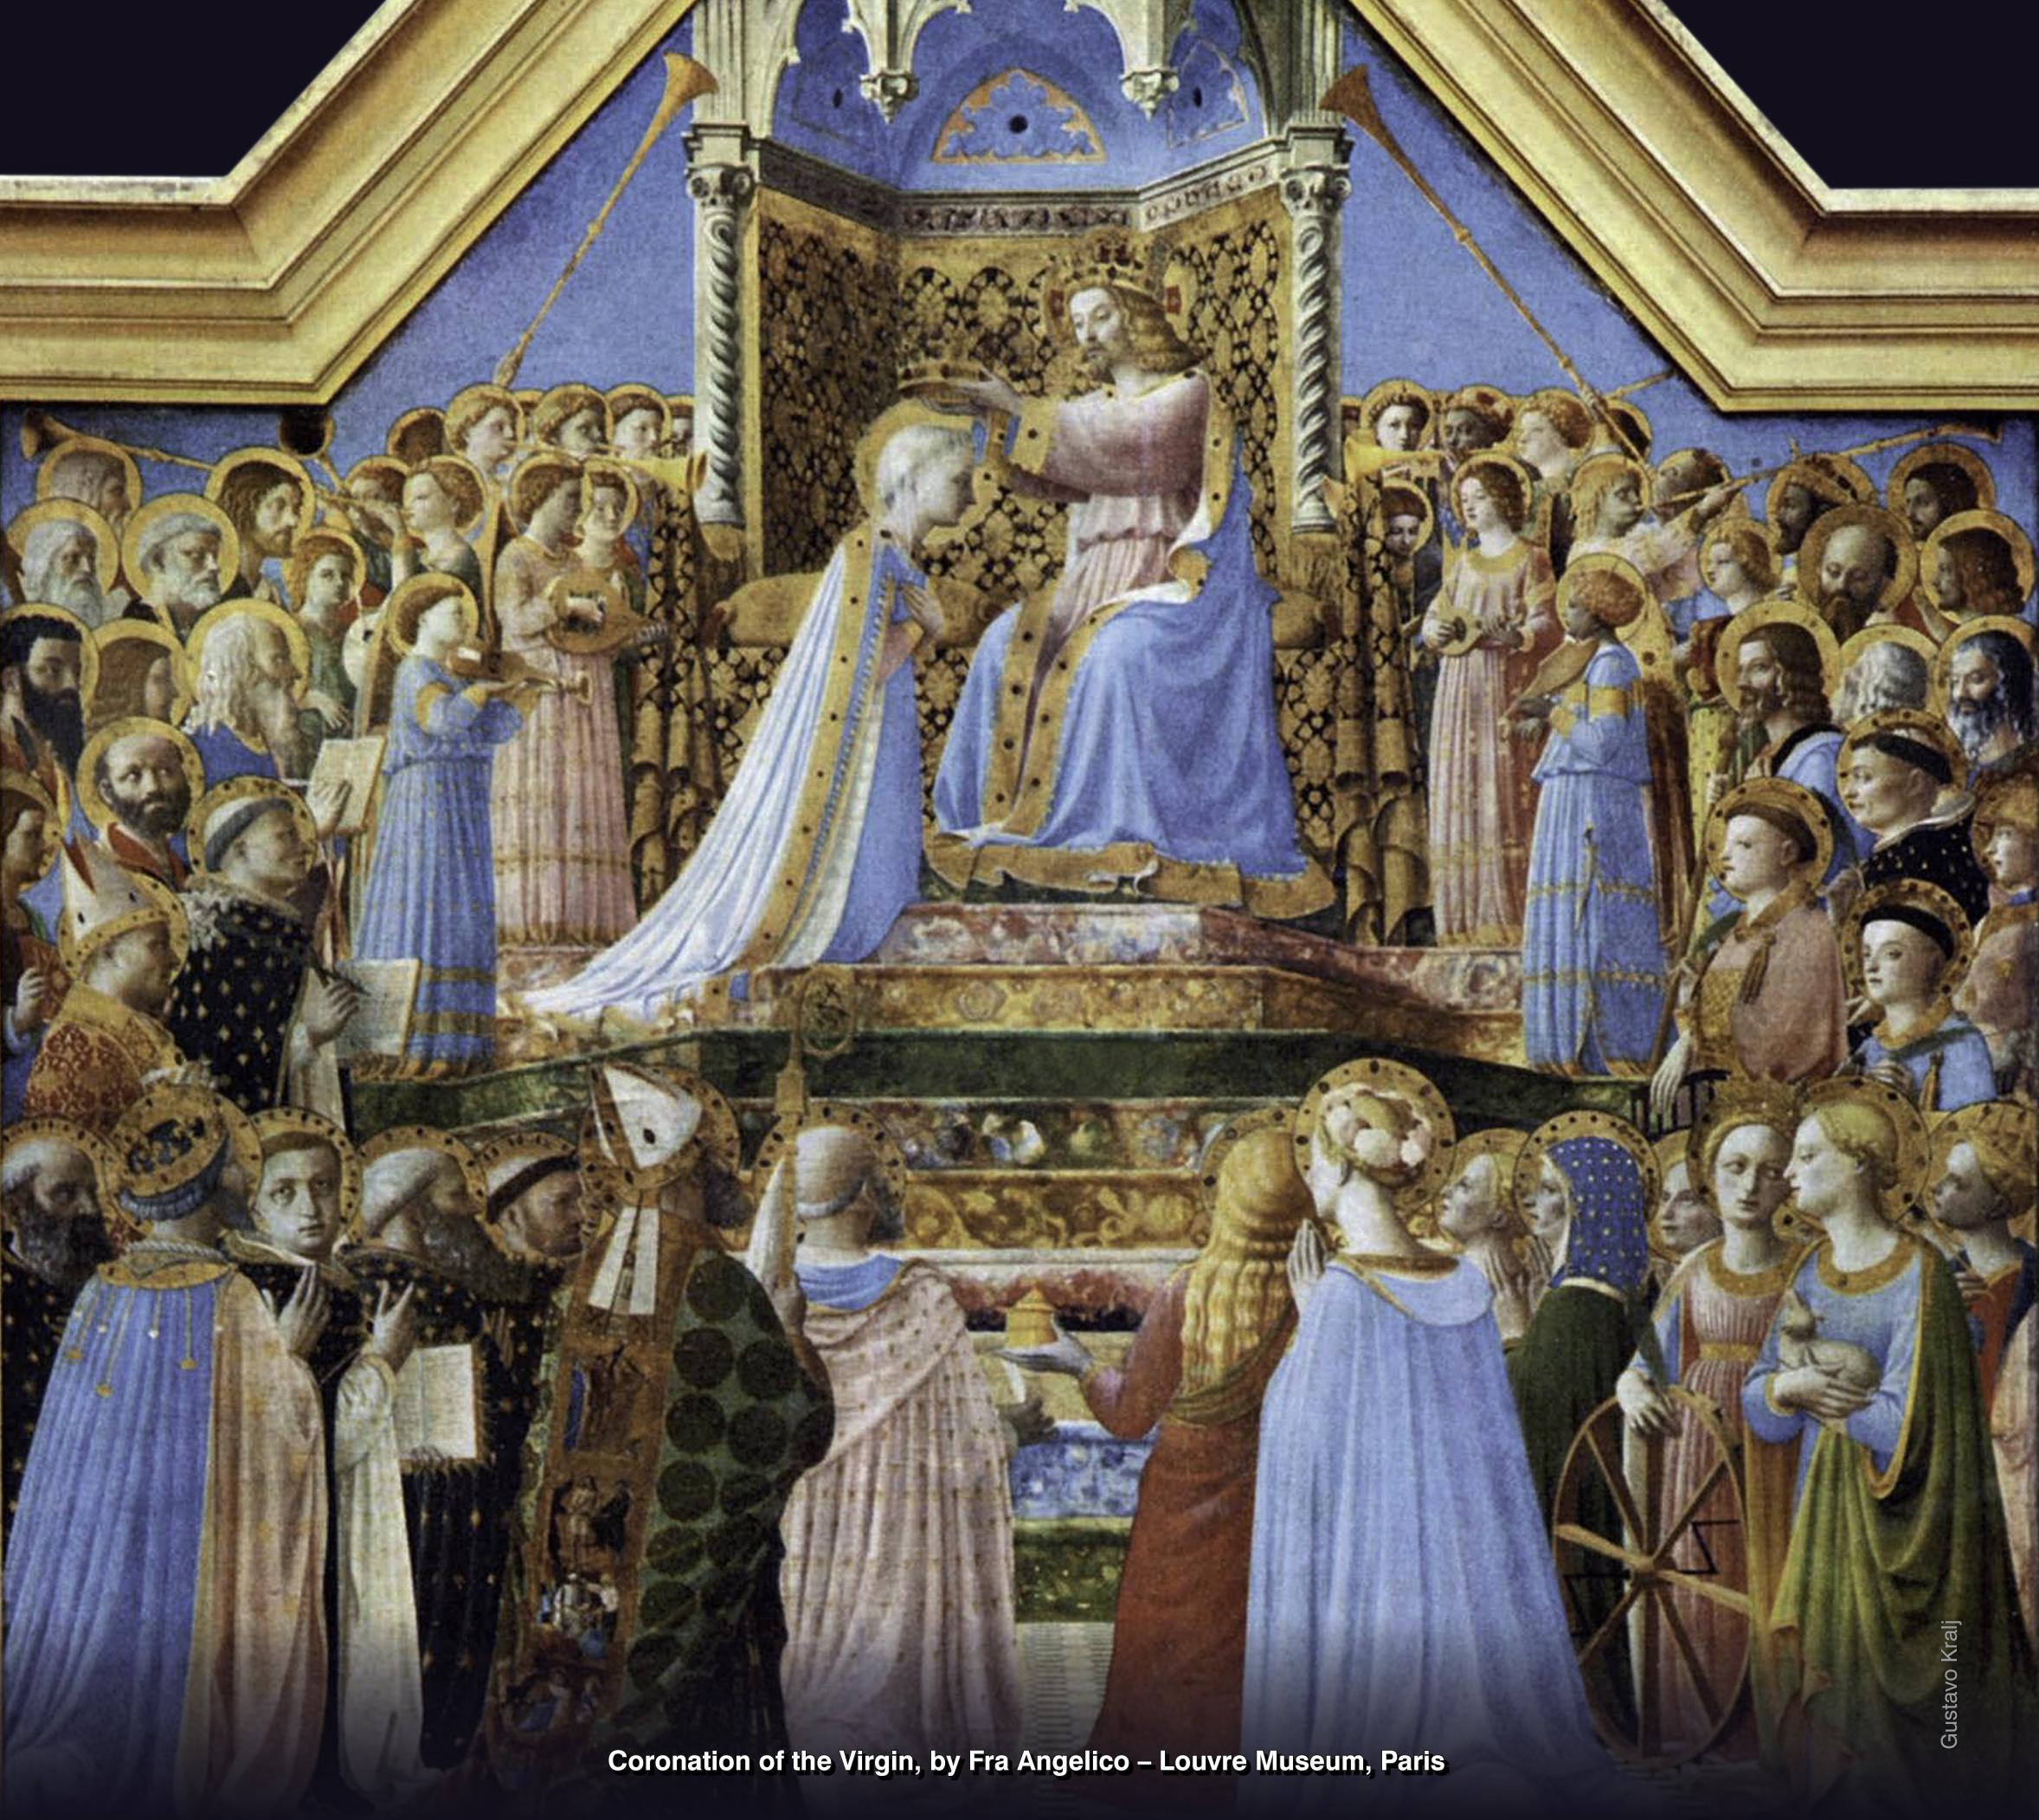 Coronación de la Virgen por Fra Angélico - Museo del Louvre, Paris. Foto: Gustavo Kralj/GaudiumpressImages.com